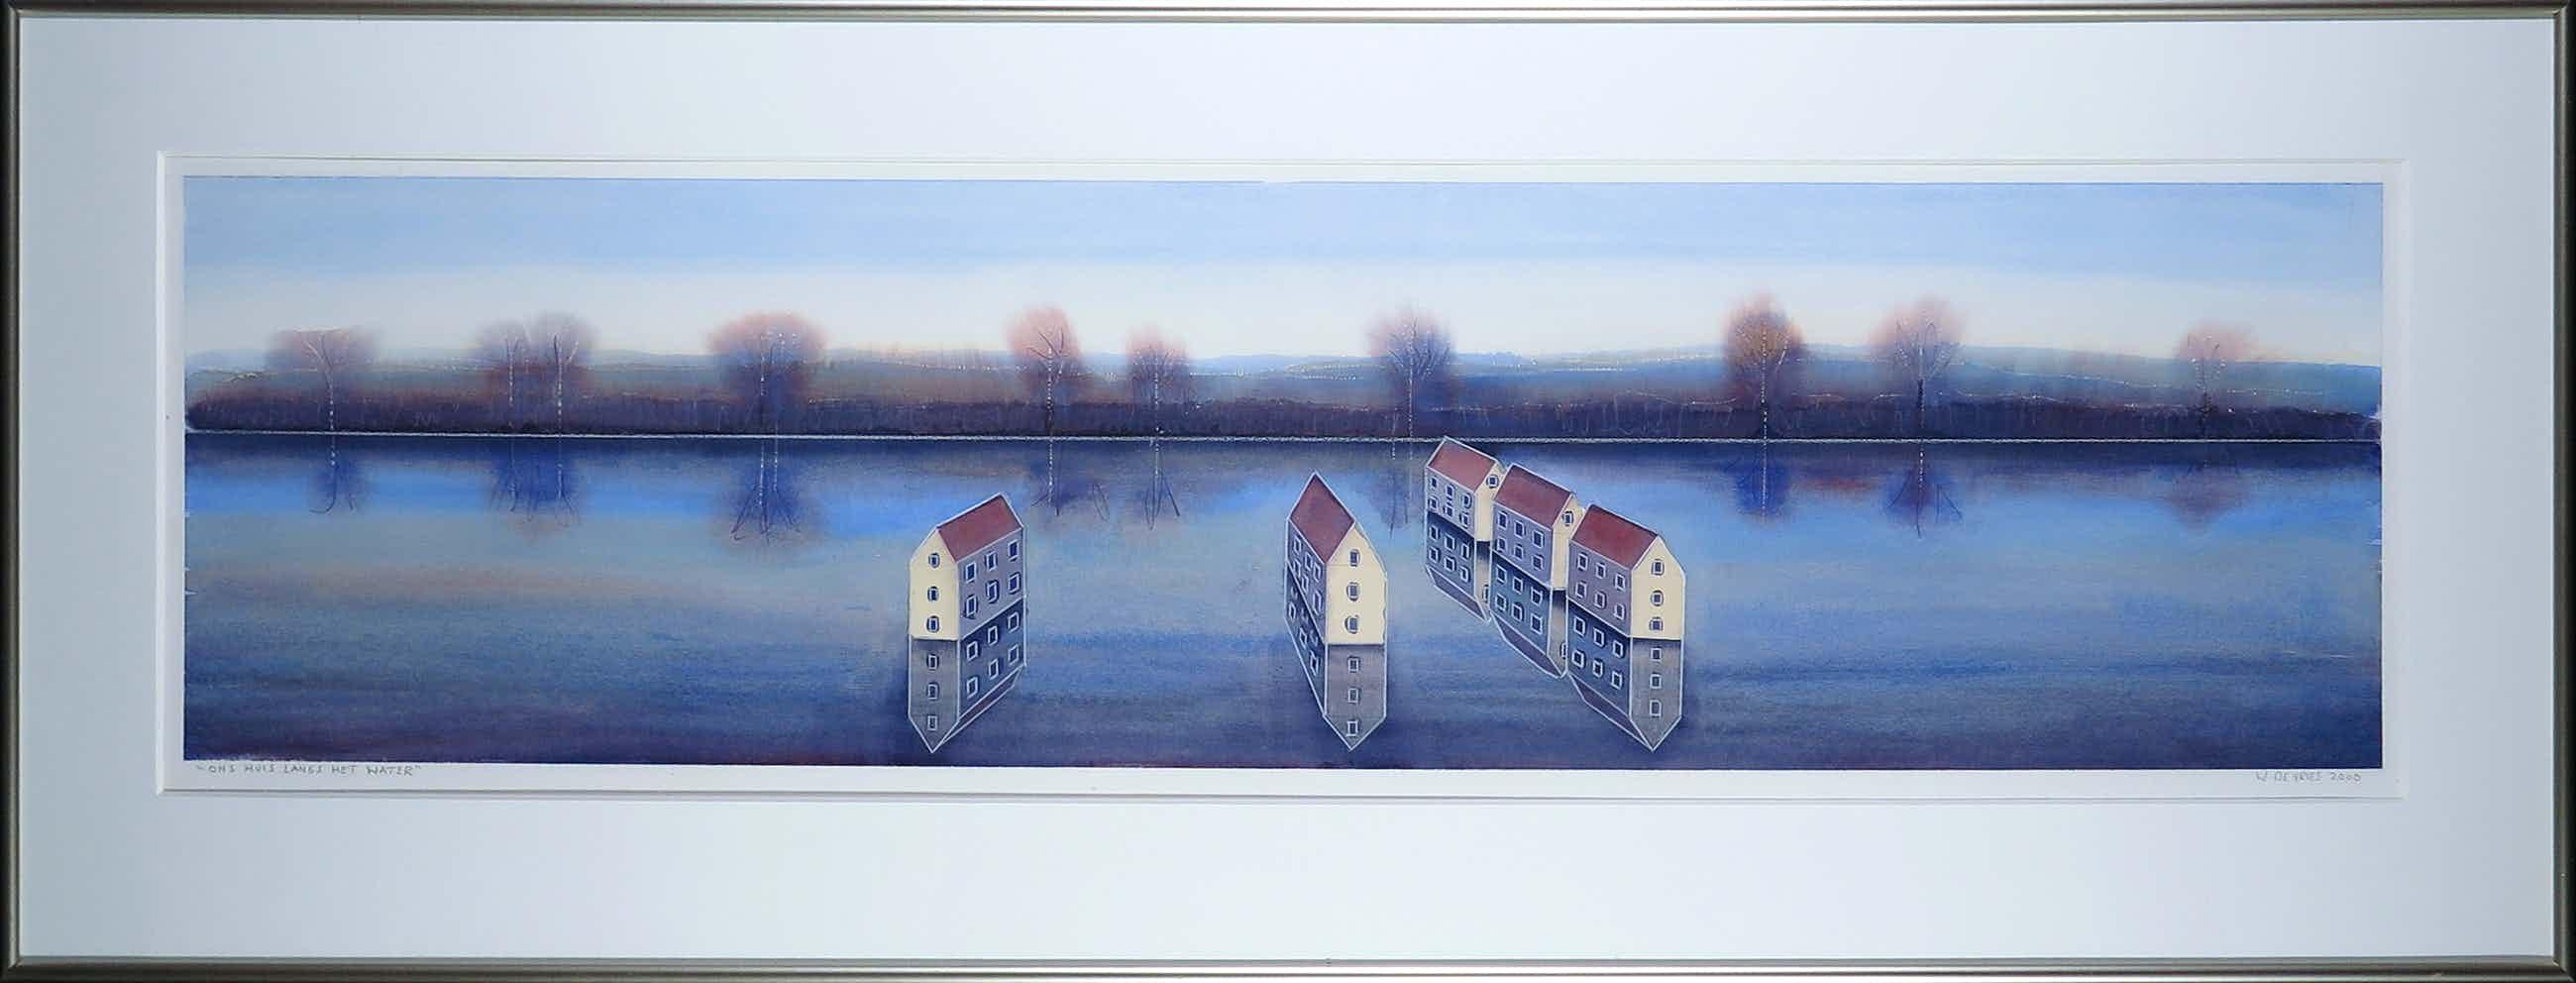 Willem de Vries - Aquarel, Ons huis langs het water - Ingelijst (Groot) kopen? Bied vanaf 40!